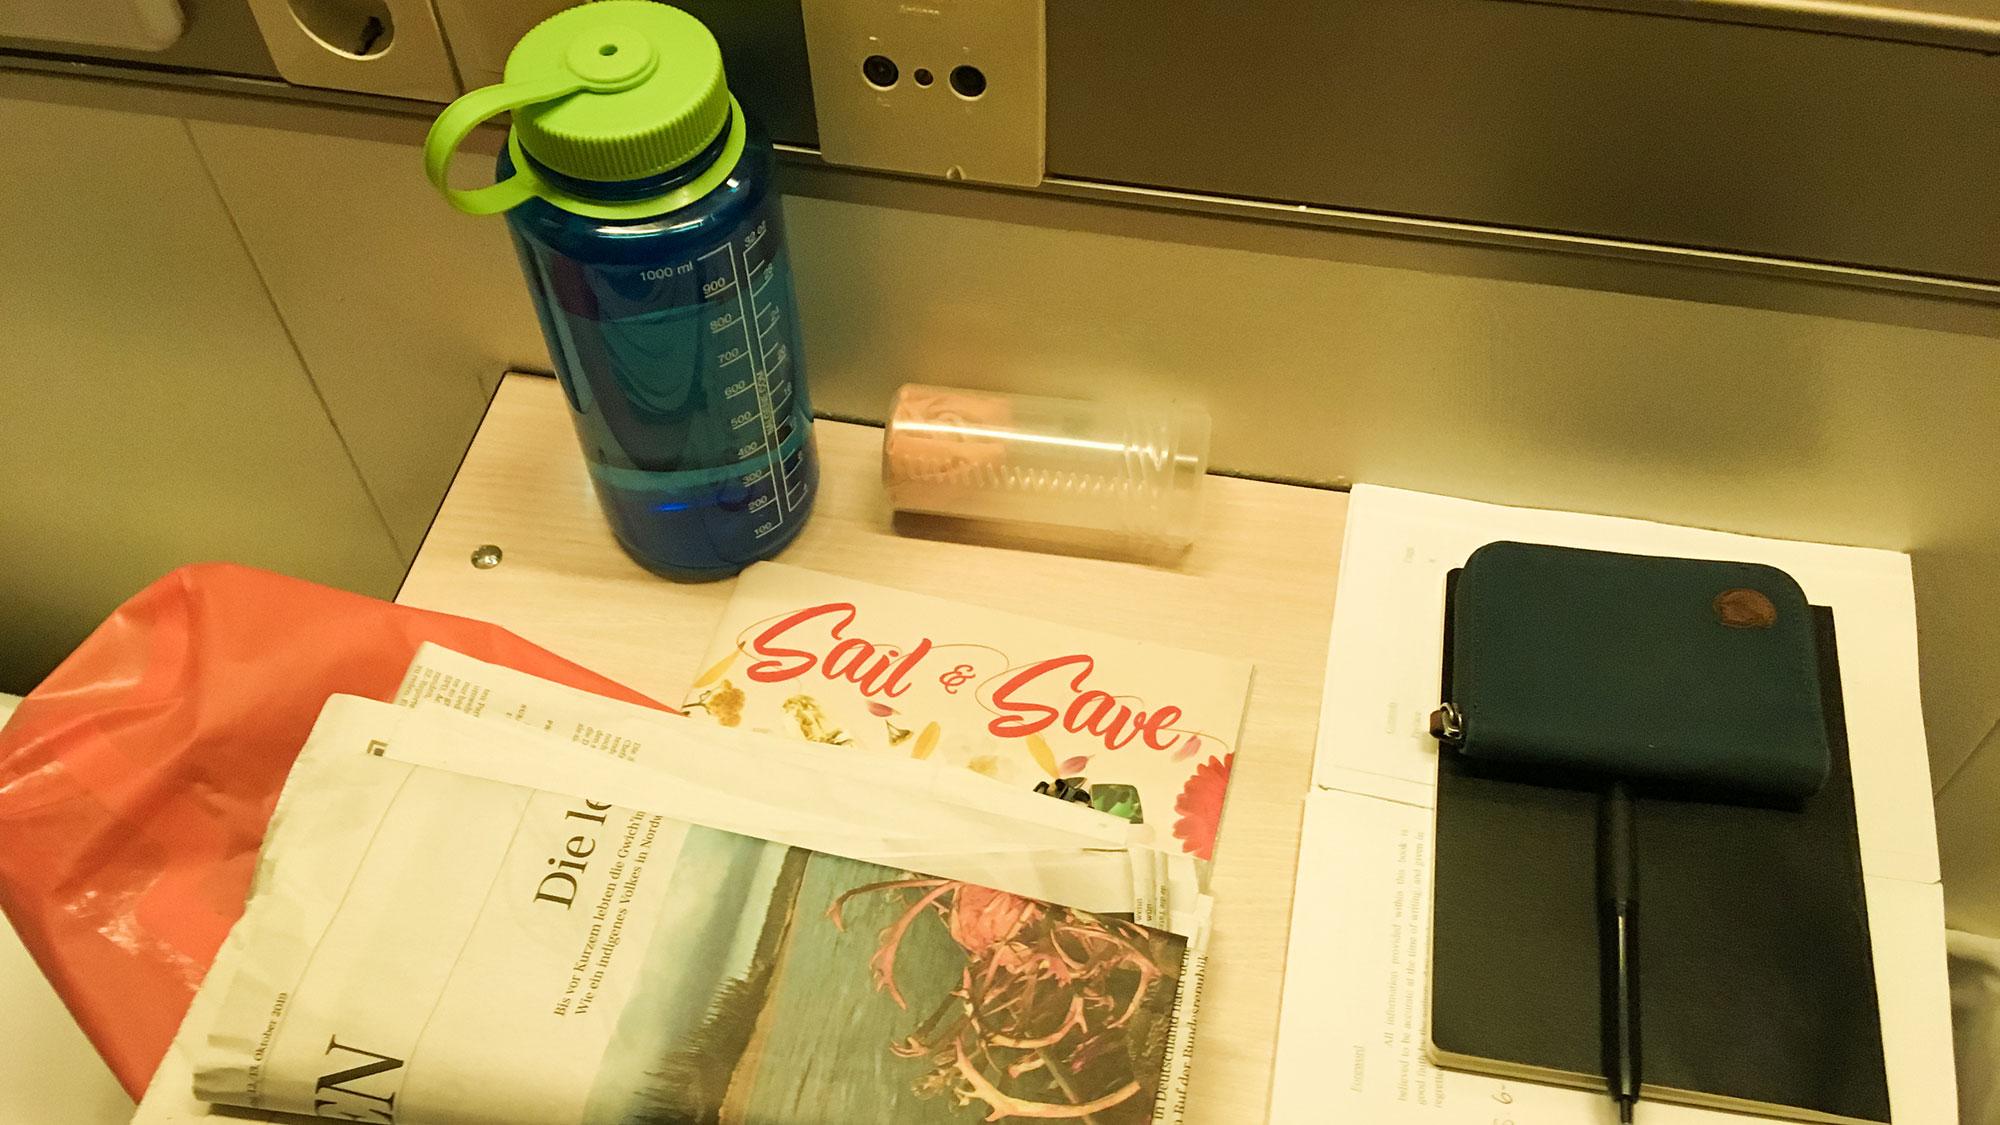 Zeitung, Wasserflasche, Brillenetui, Tagebuch und Portmonaie auf Tisch in der Kabine der Fähre